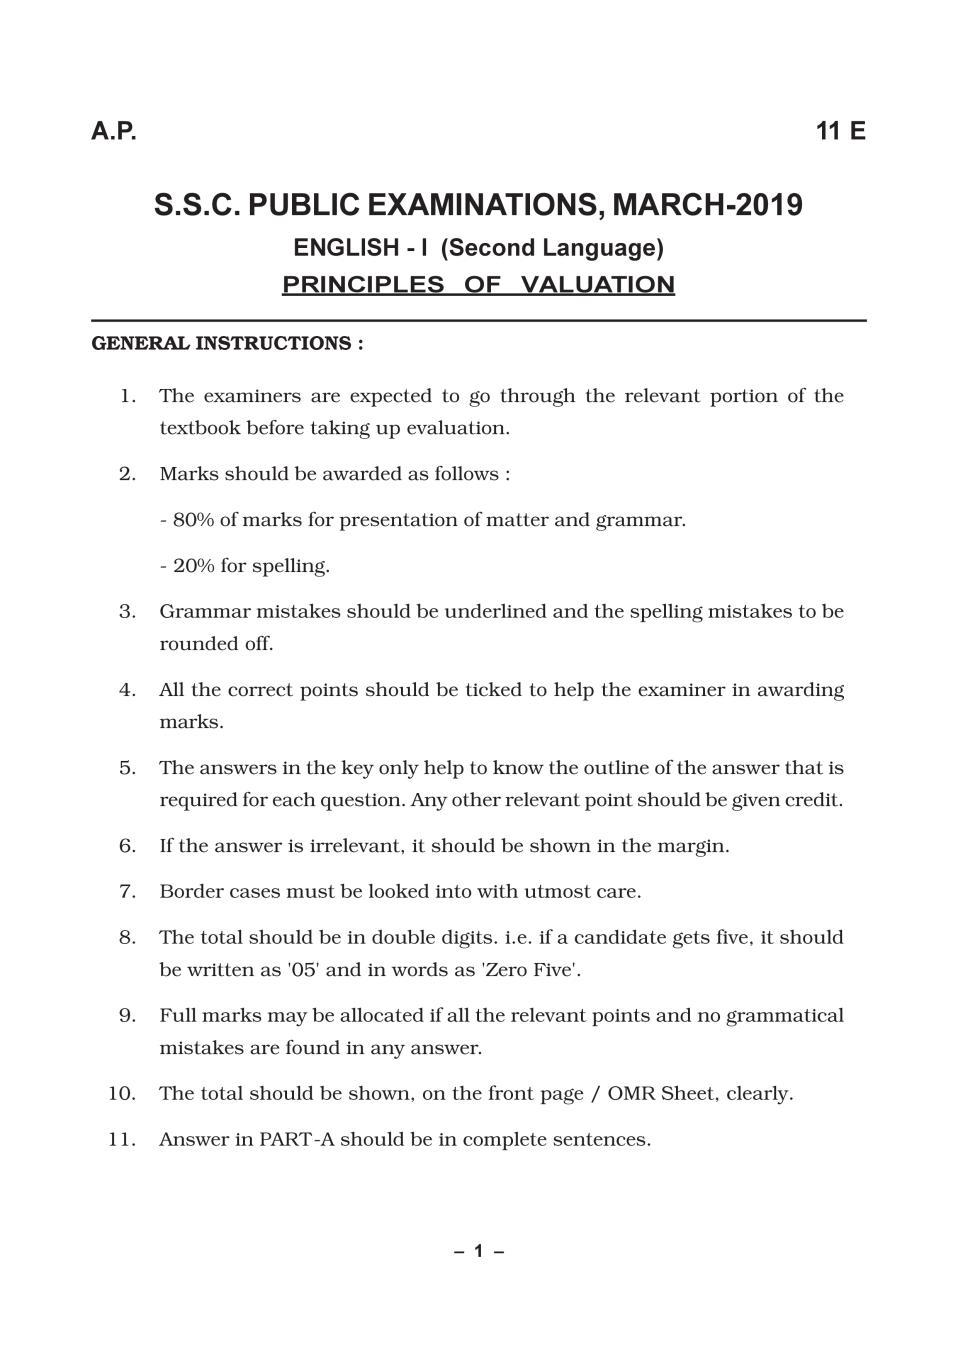 AP 10th Class Marking Scheme 2019 English (2nd Language) - Page 1